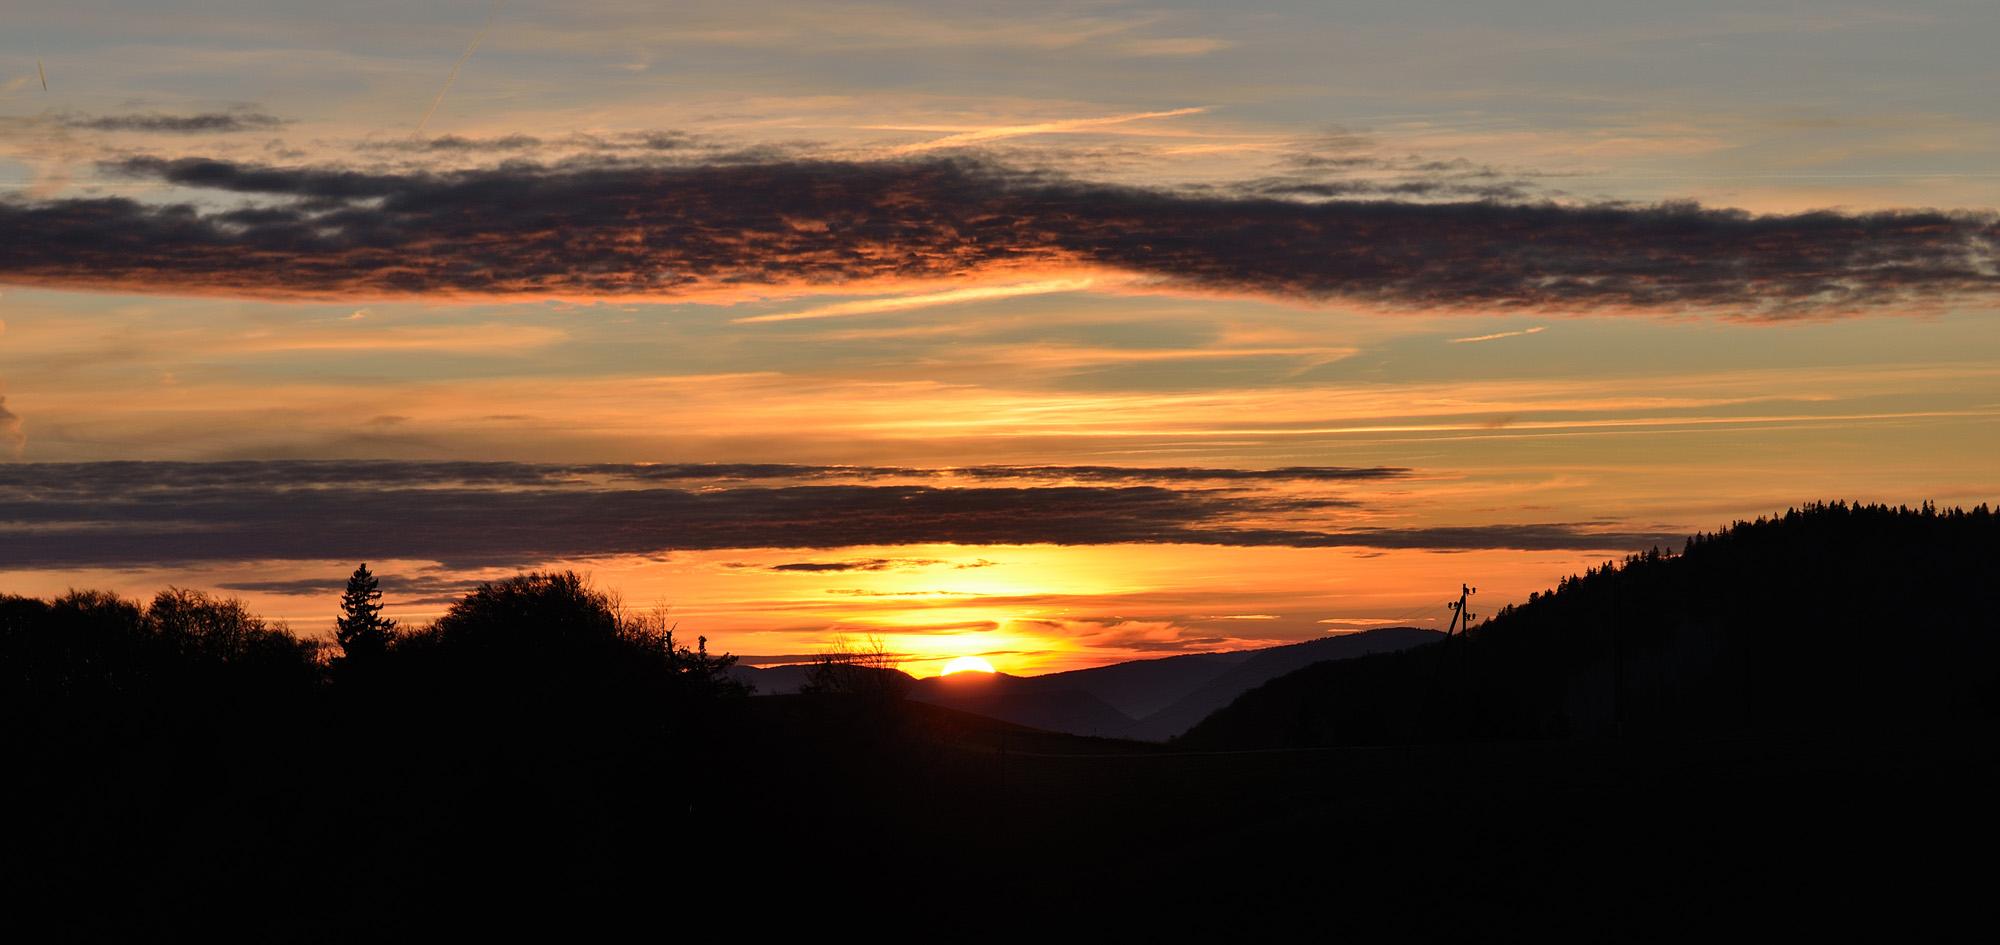 Sonnenuntergang am Weissenstein # 2